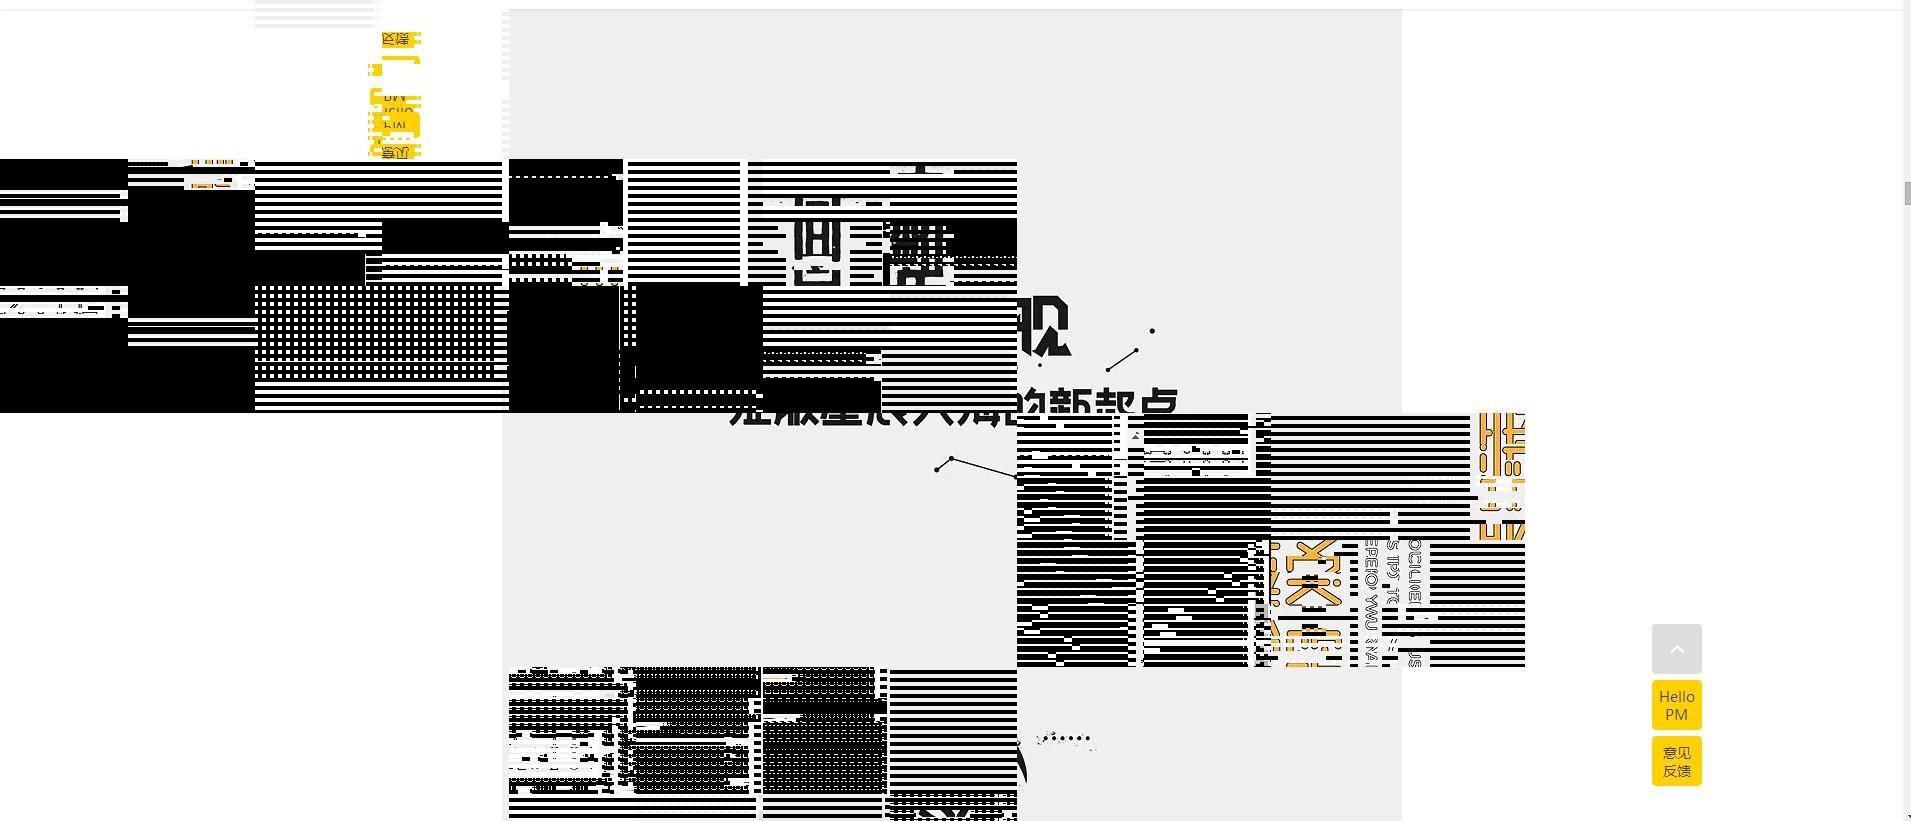 360浏览器浏览网页出现噪波及蓝屏现象